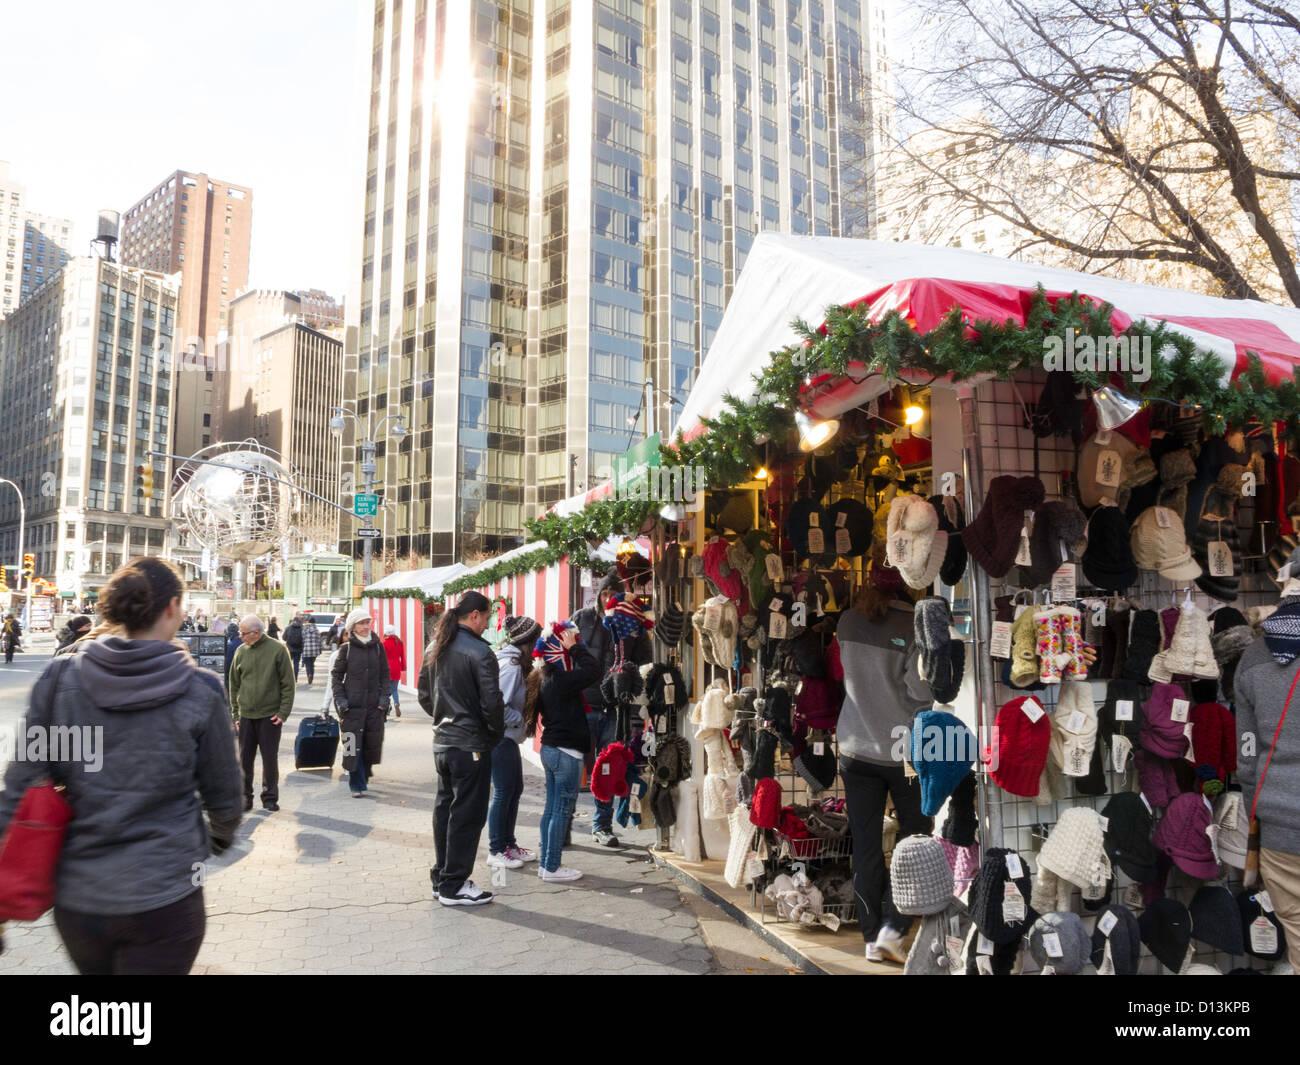 Holiday Christmas Market at Columbus Circle, NYC Stock Photo ...